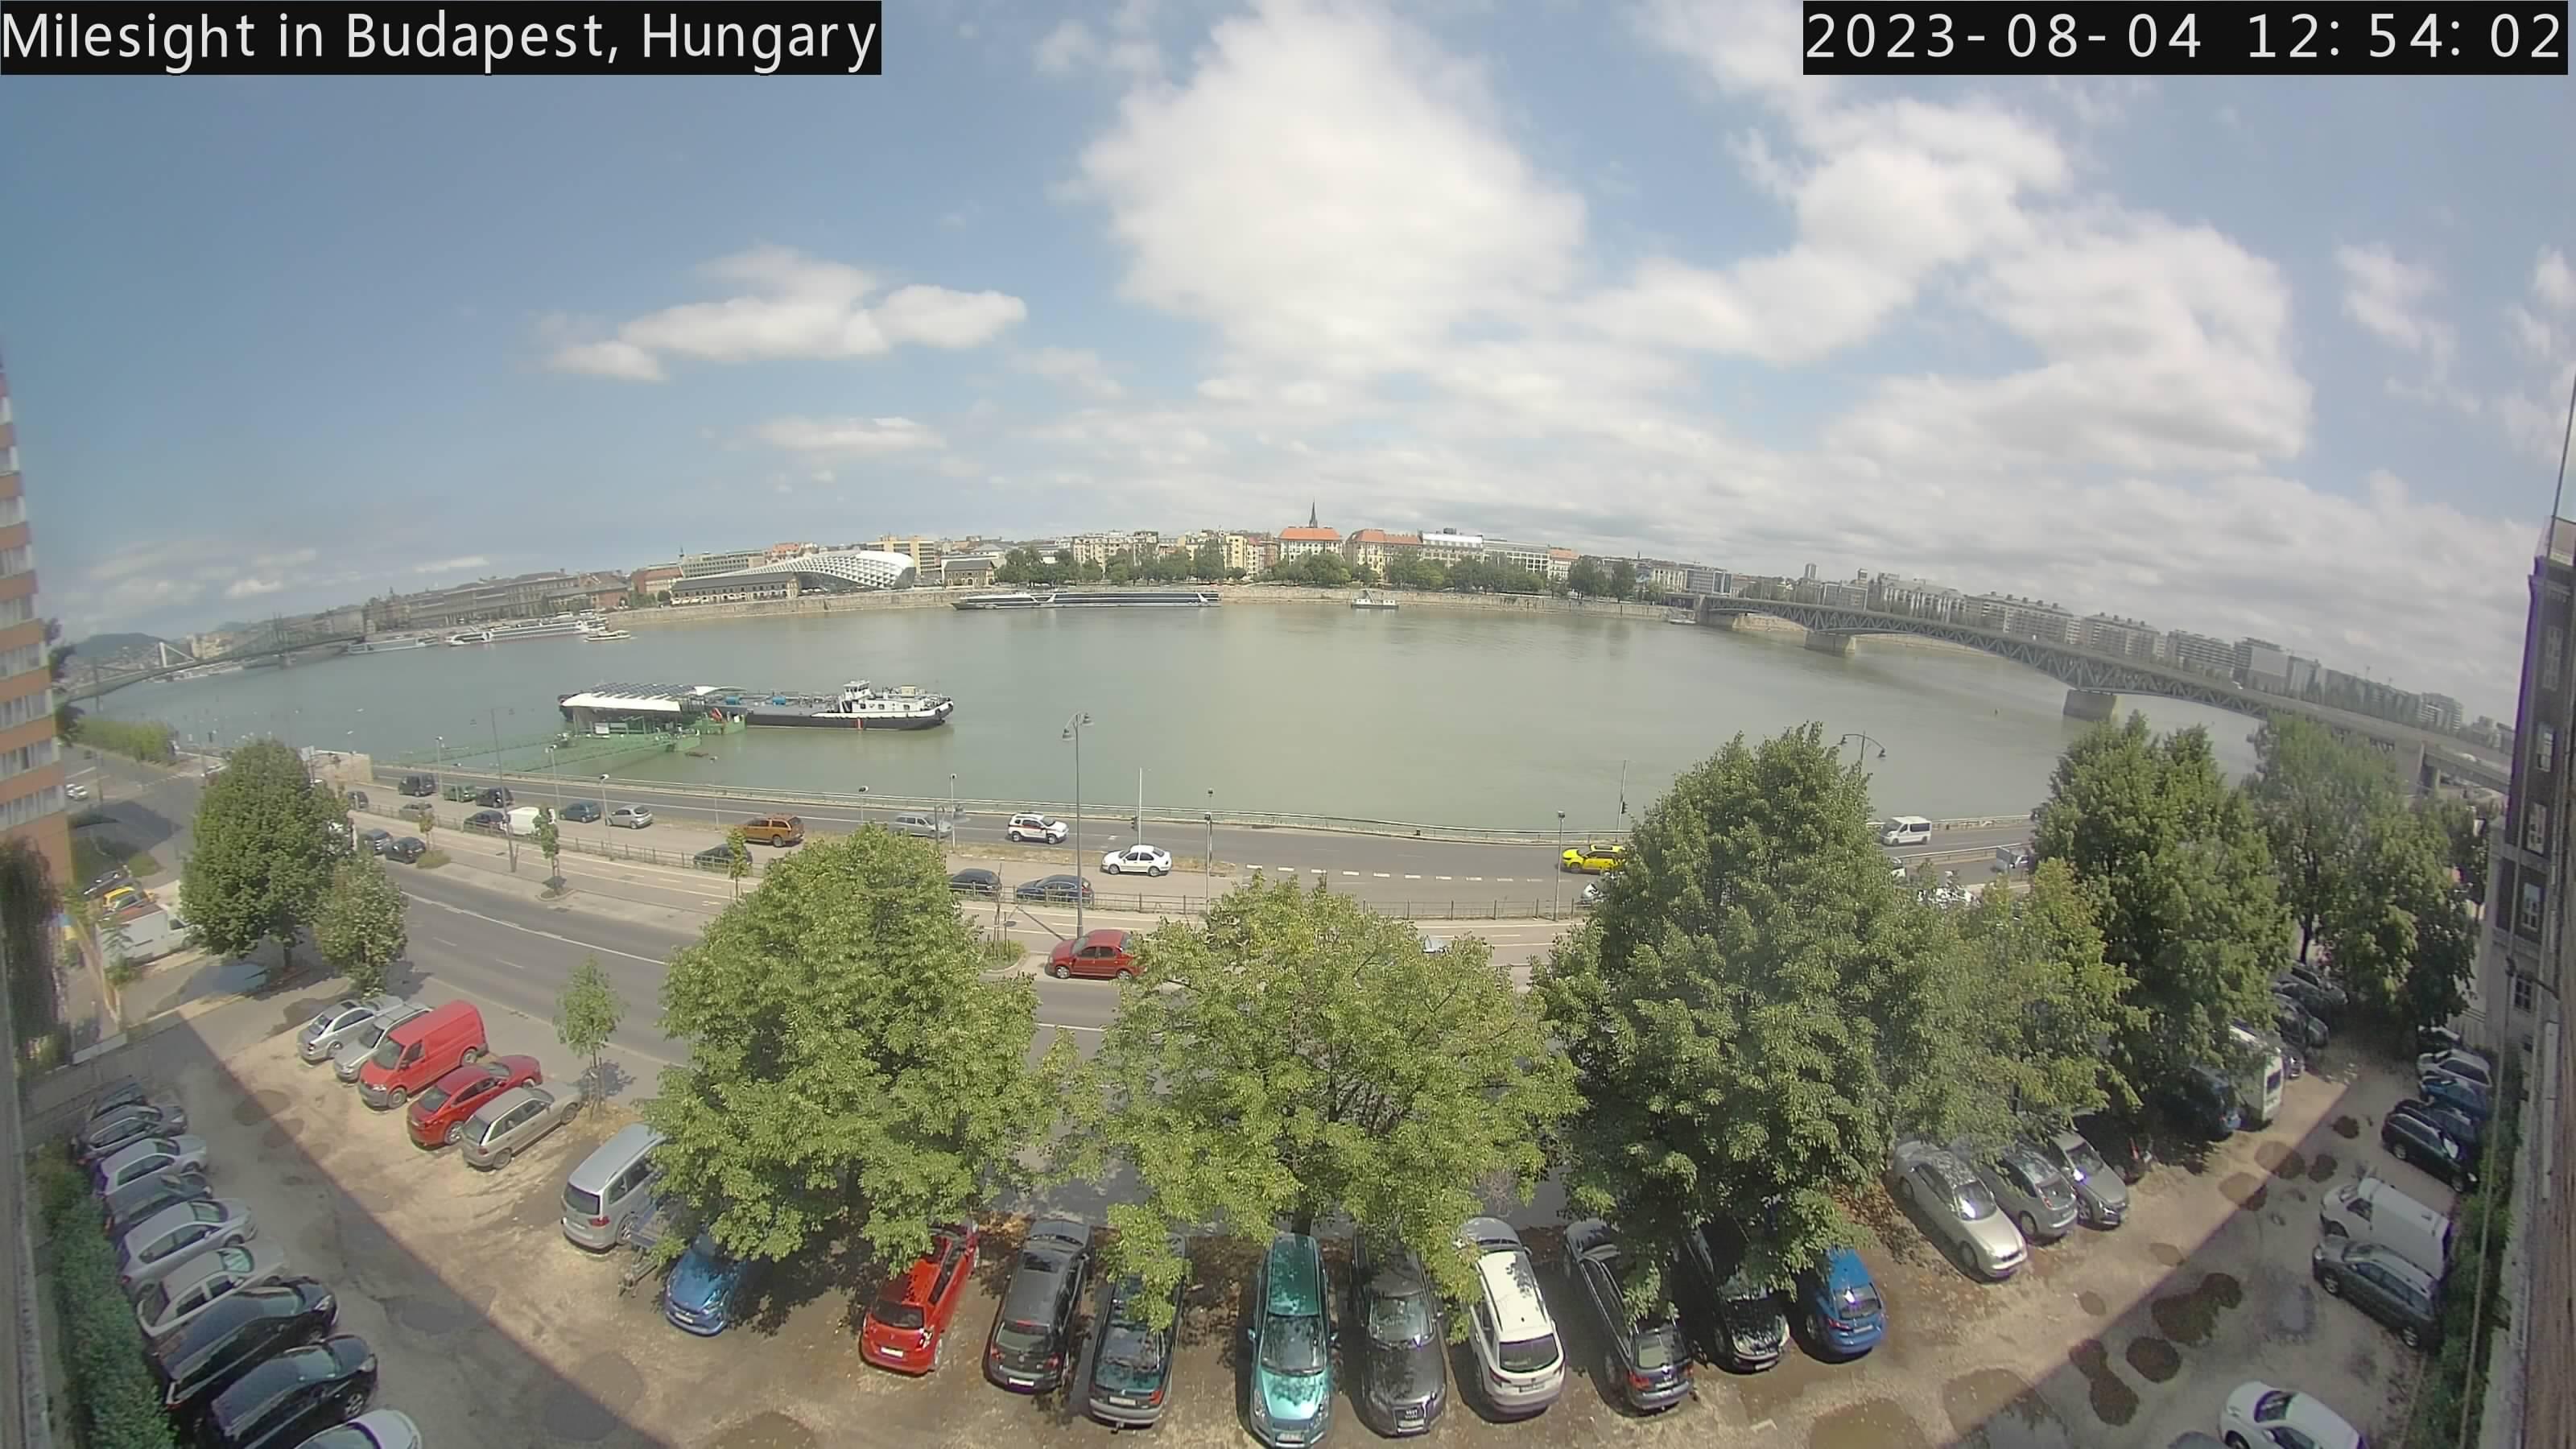 webcam live view Budapest